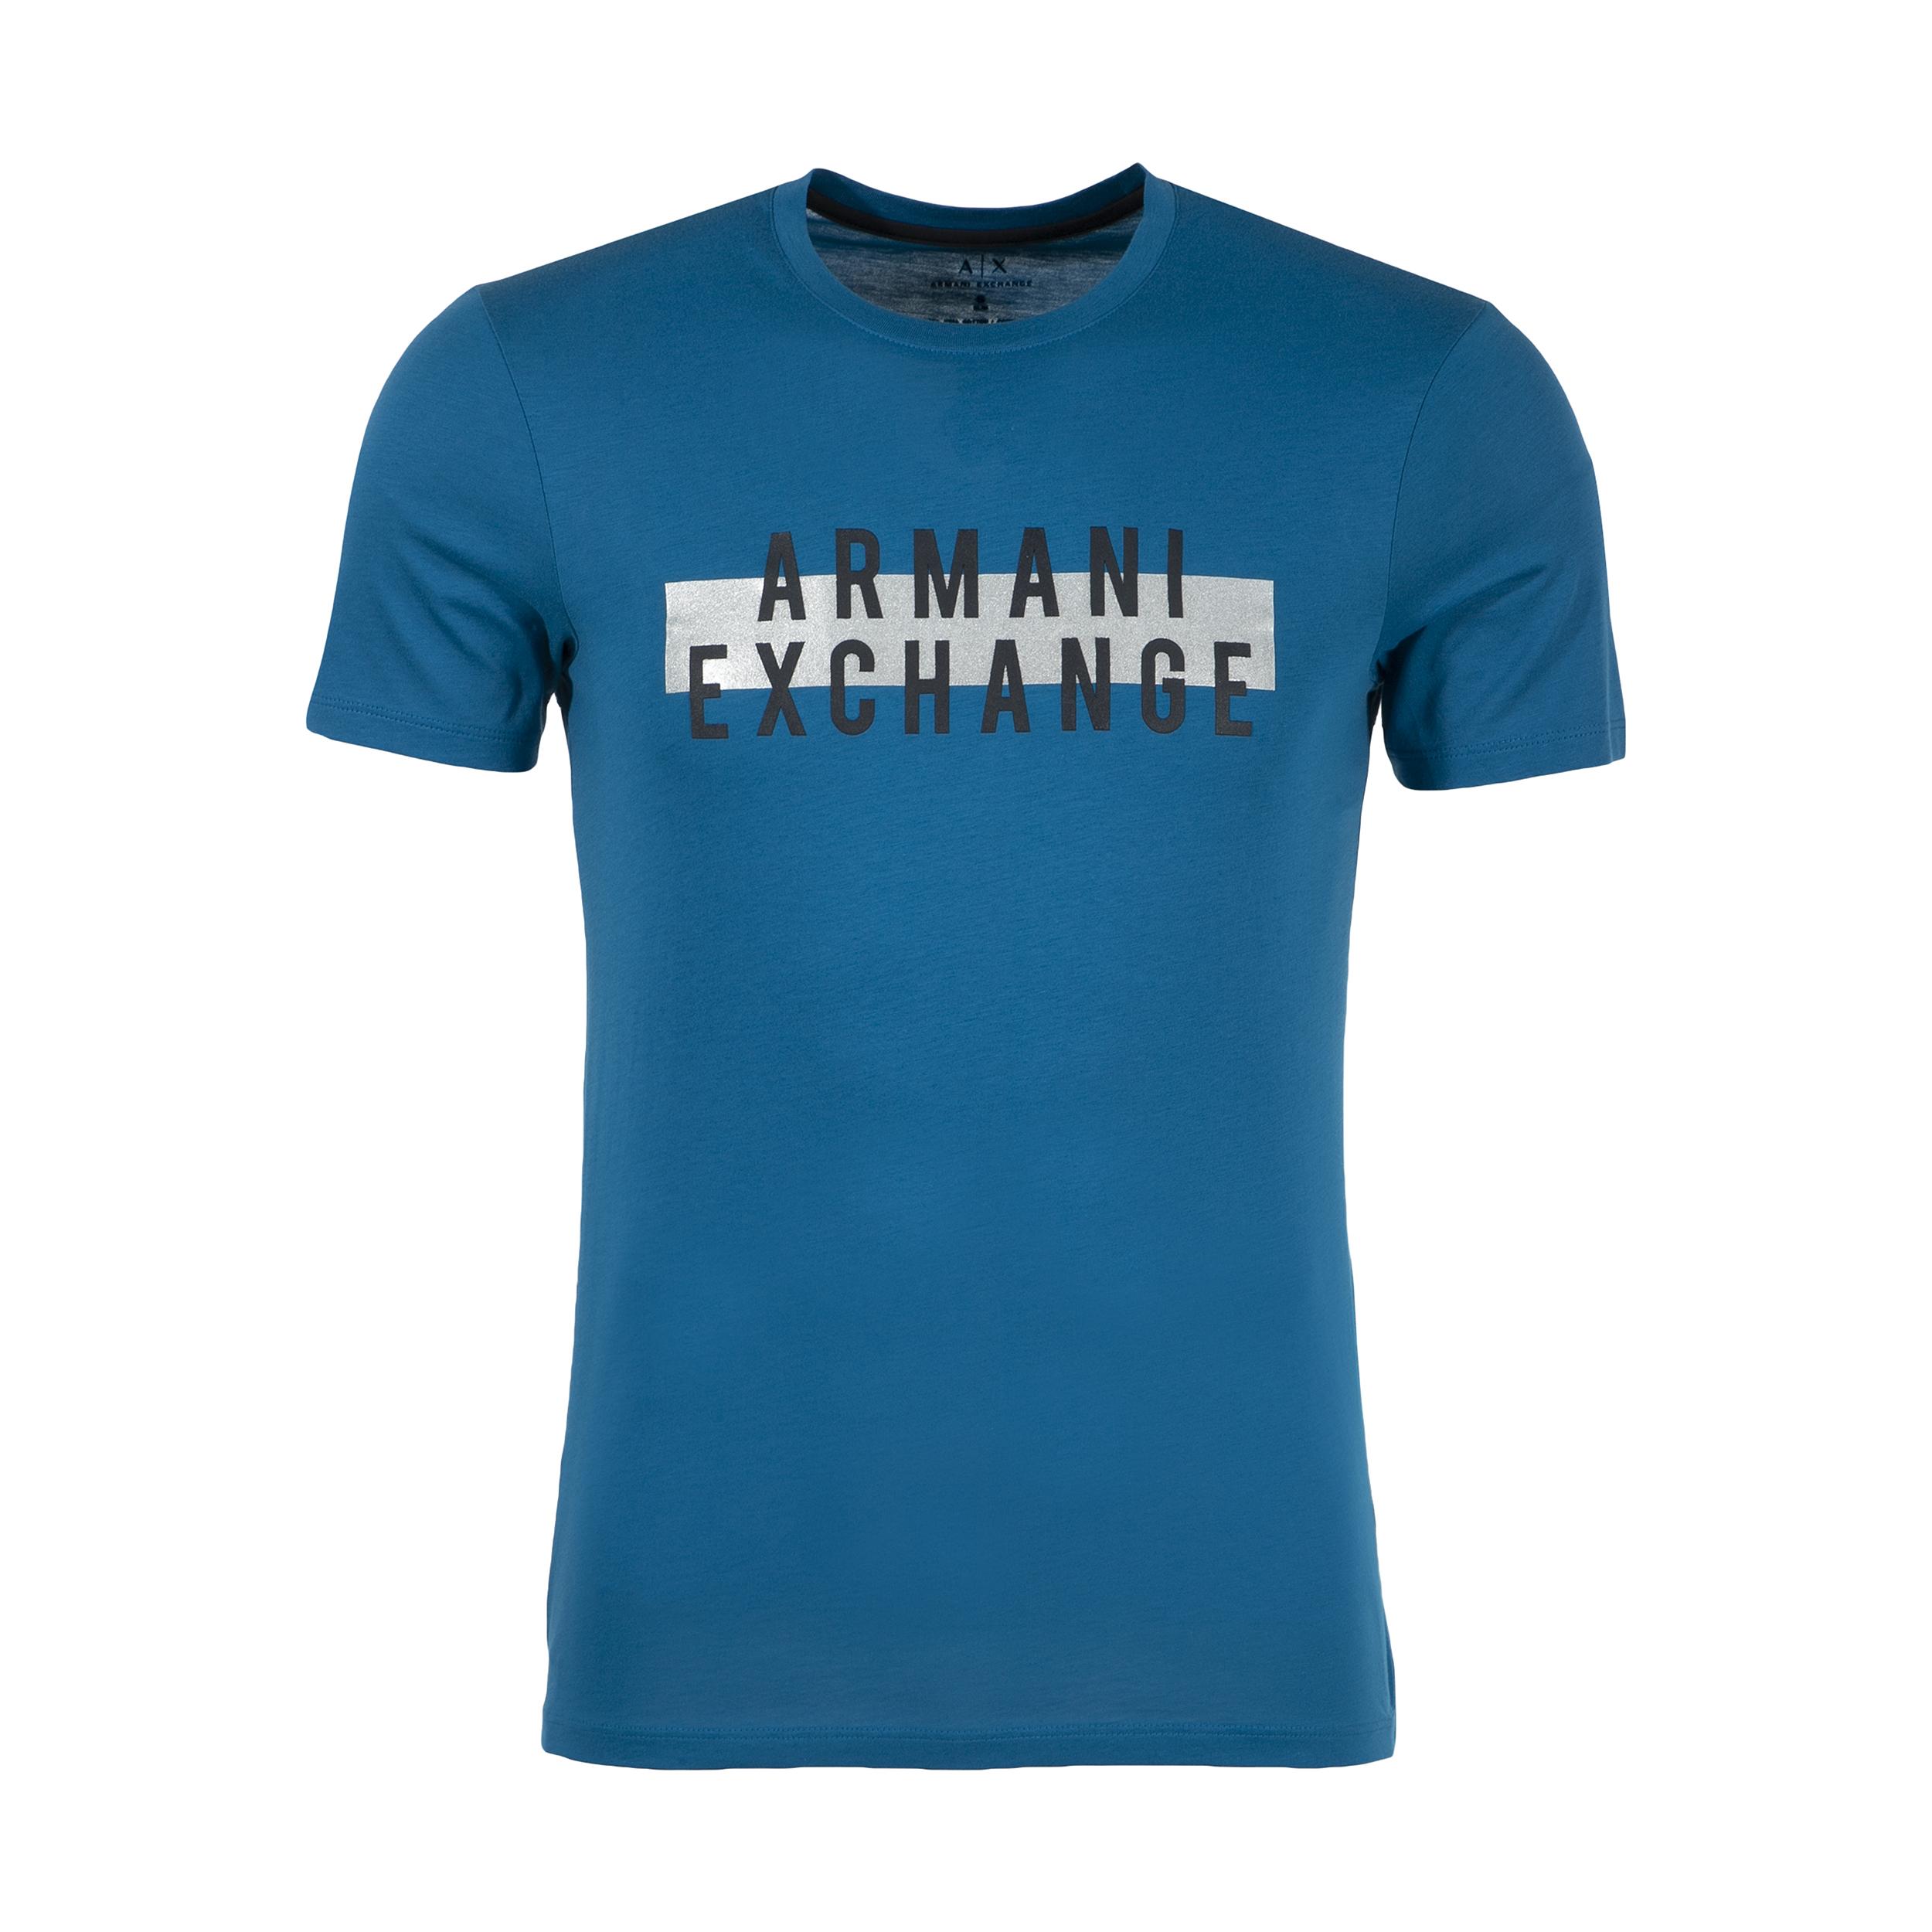 تی شرت مردانه آرمانی اکسچنج مدل 3ZZTDGZJA5Z-1544